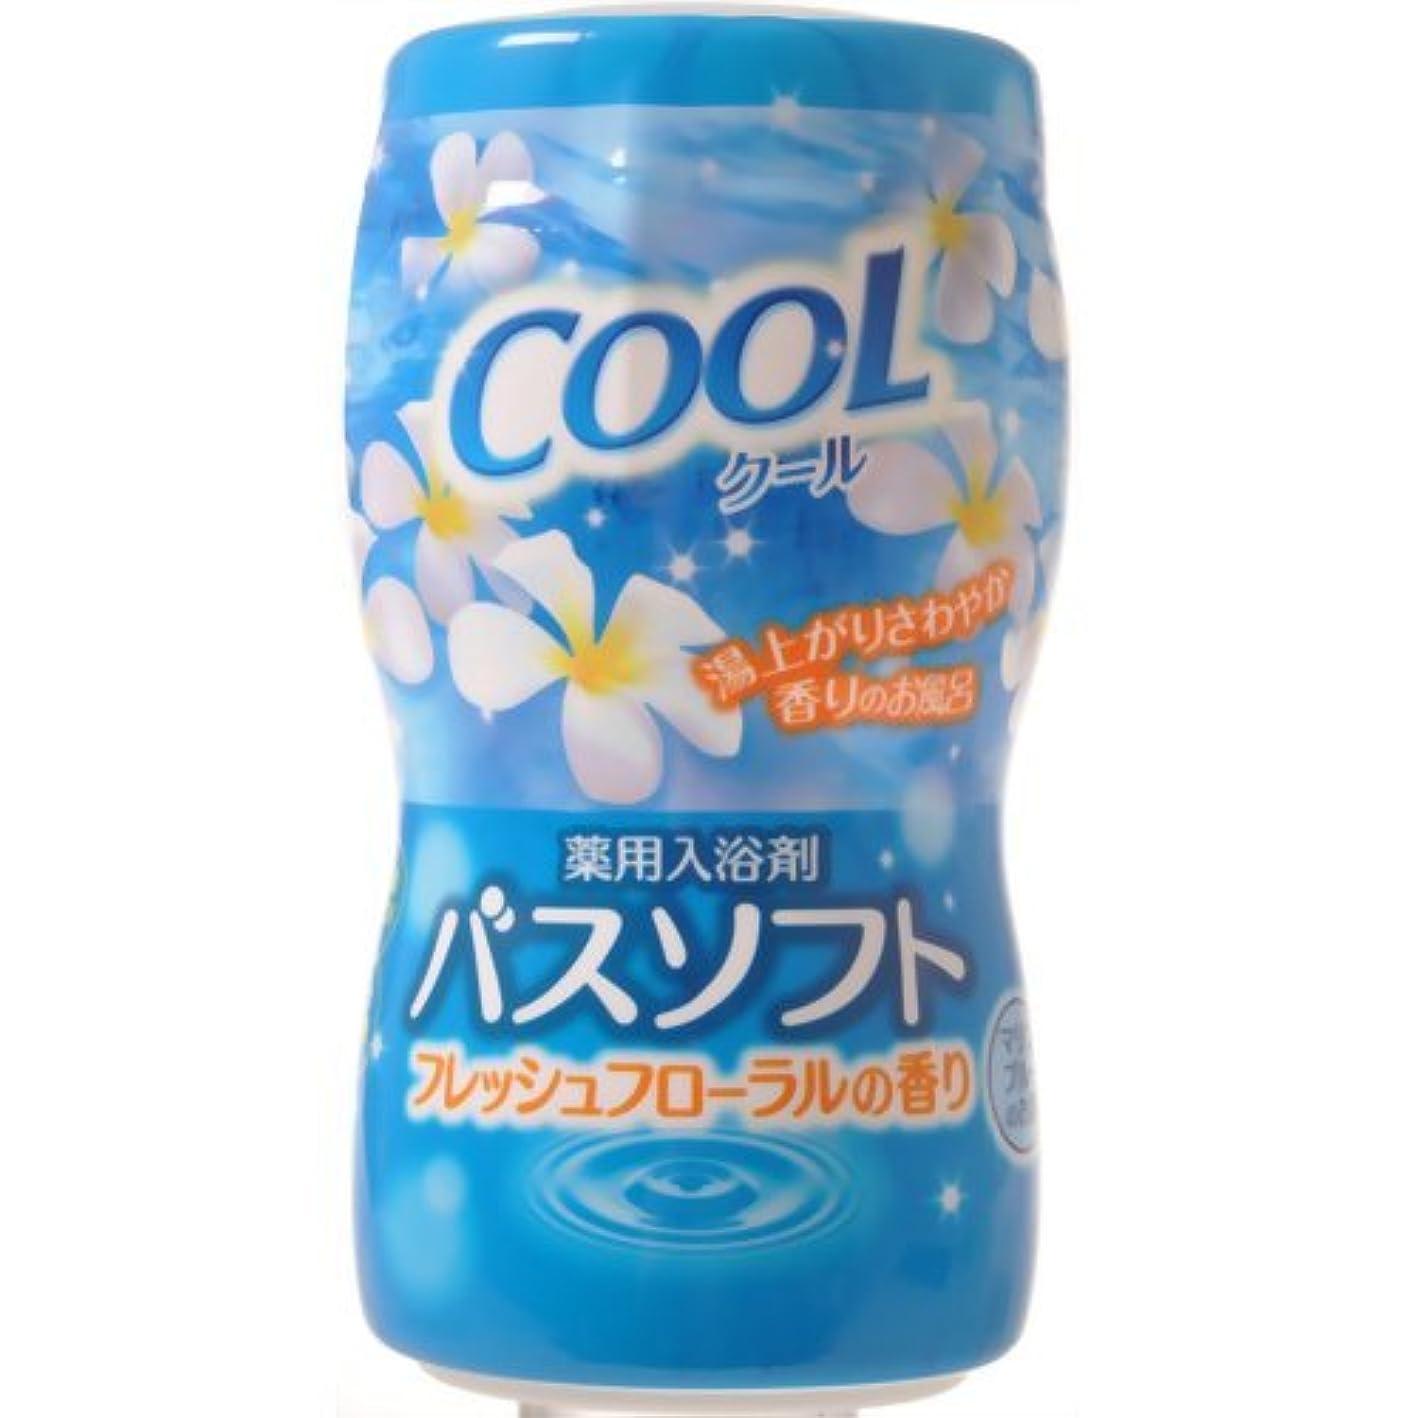 かわいらしい良さコールド【オカモト】薬用入浴剤バスソフト クール 700g